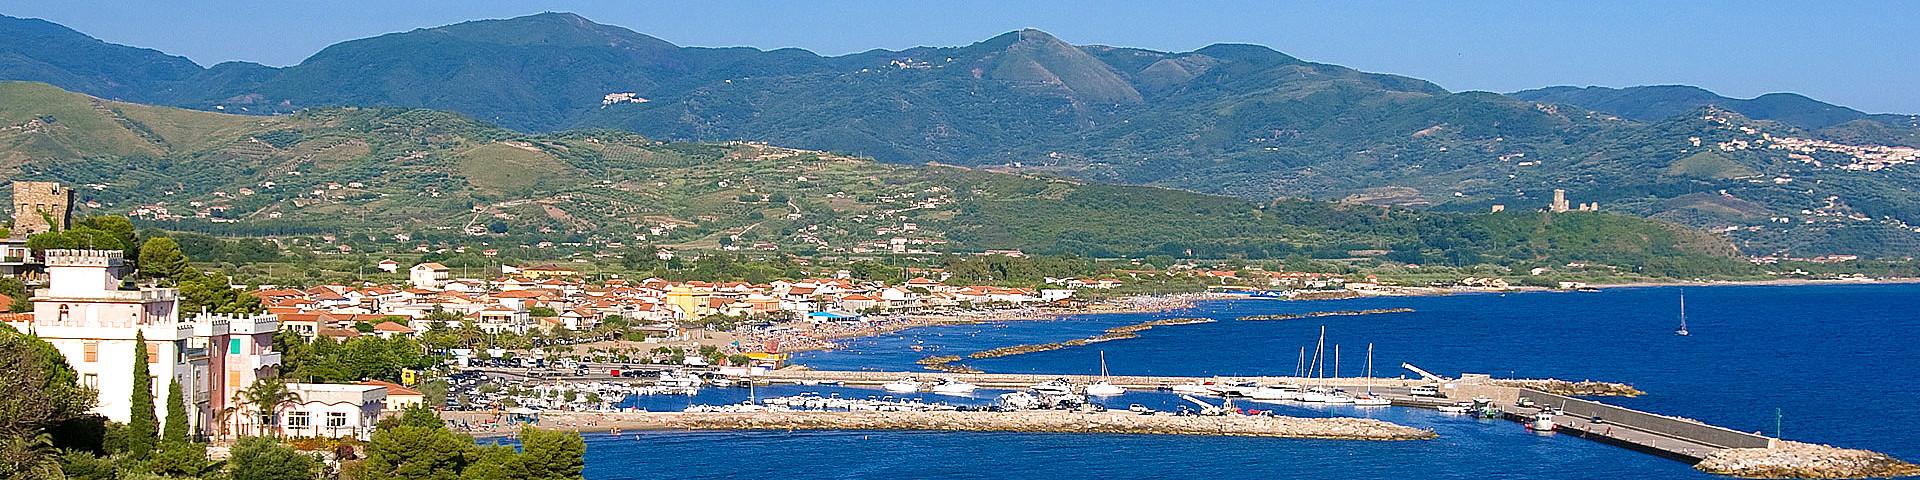 Marina di Casal Velino, pohled na turistický přístav a městskou pláž